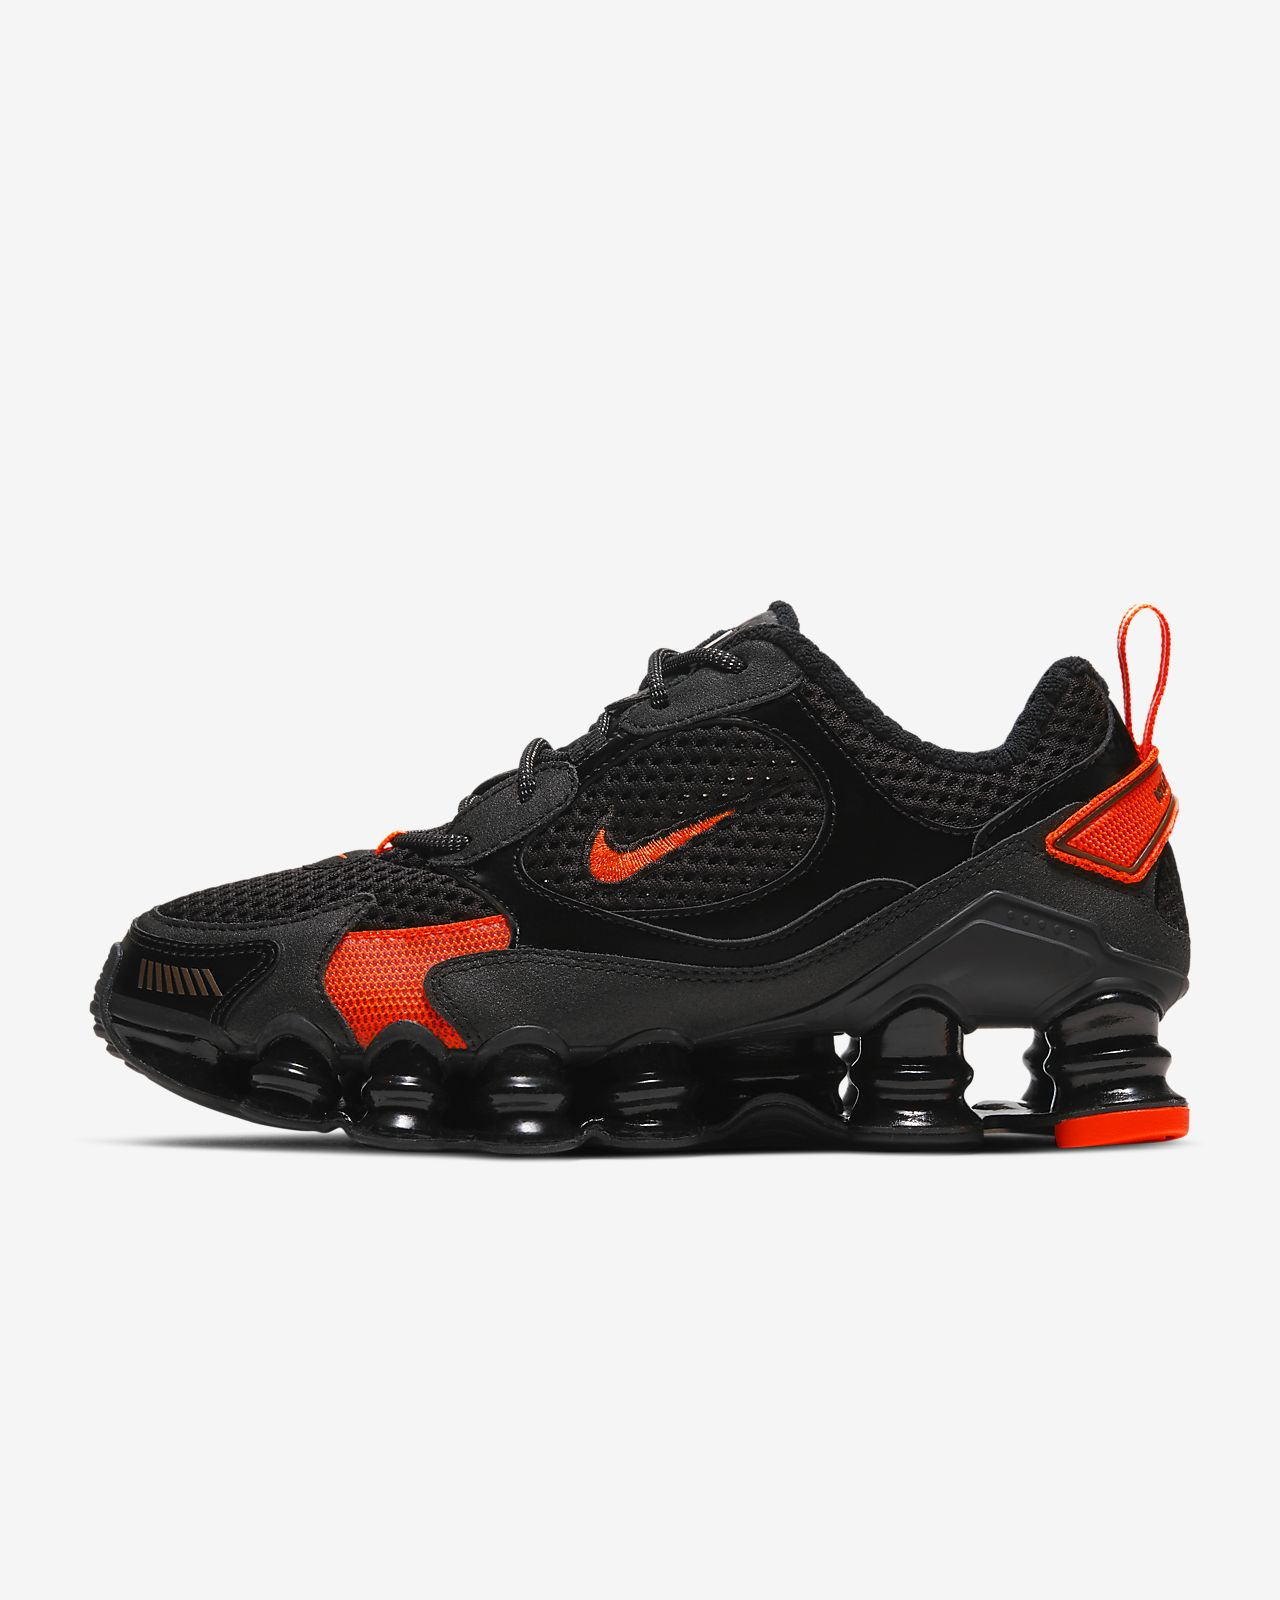 Nike Shox TL Nova white and orange sneakers